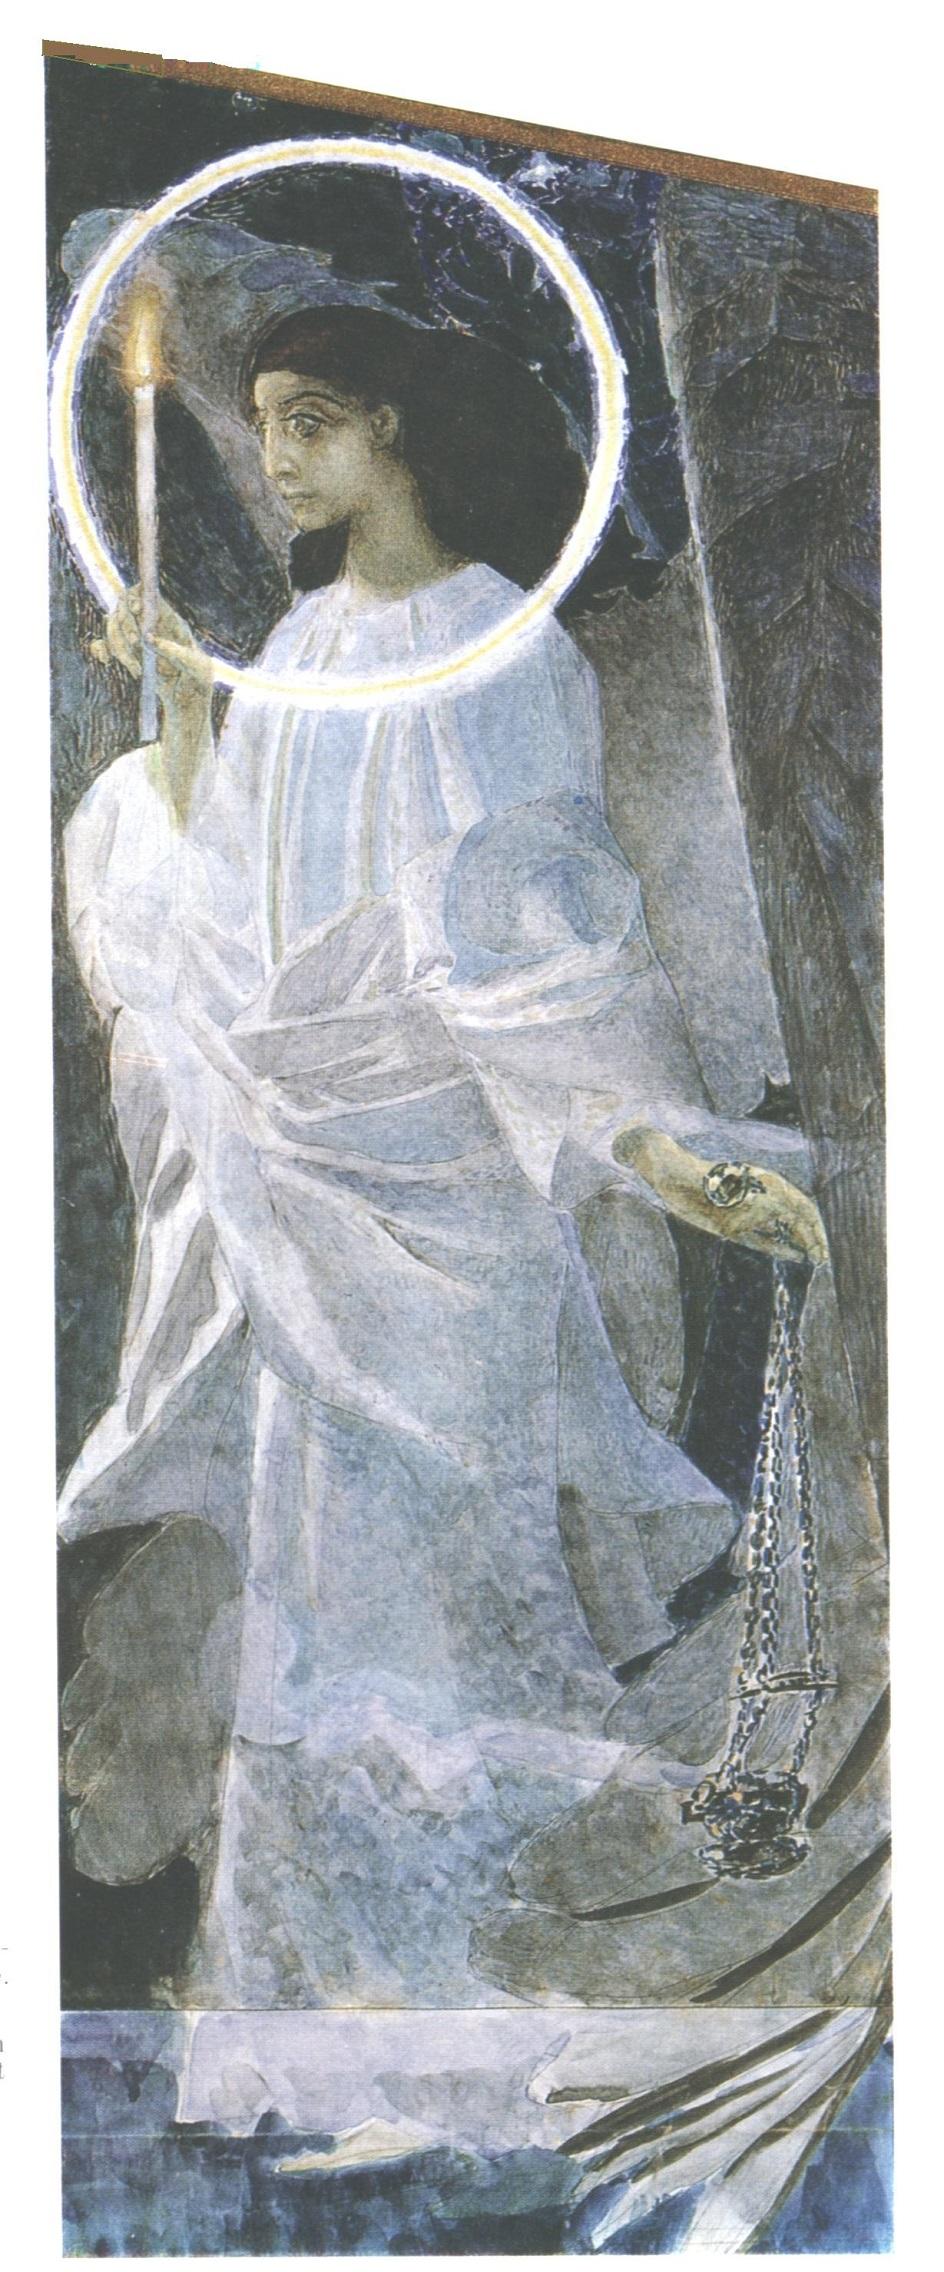 Символизм. Михаил Врубель. Эскиз к фреске «Ангел с кадилом и свечой»